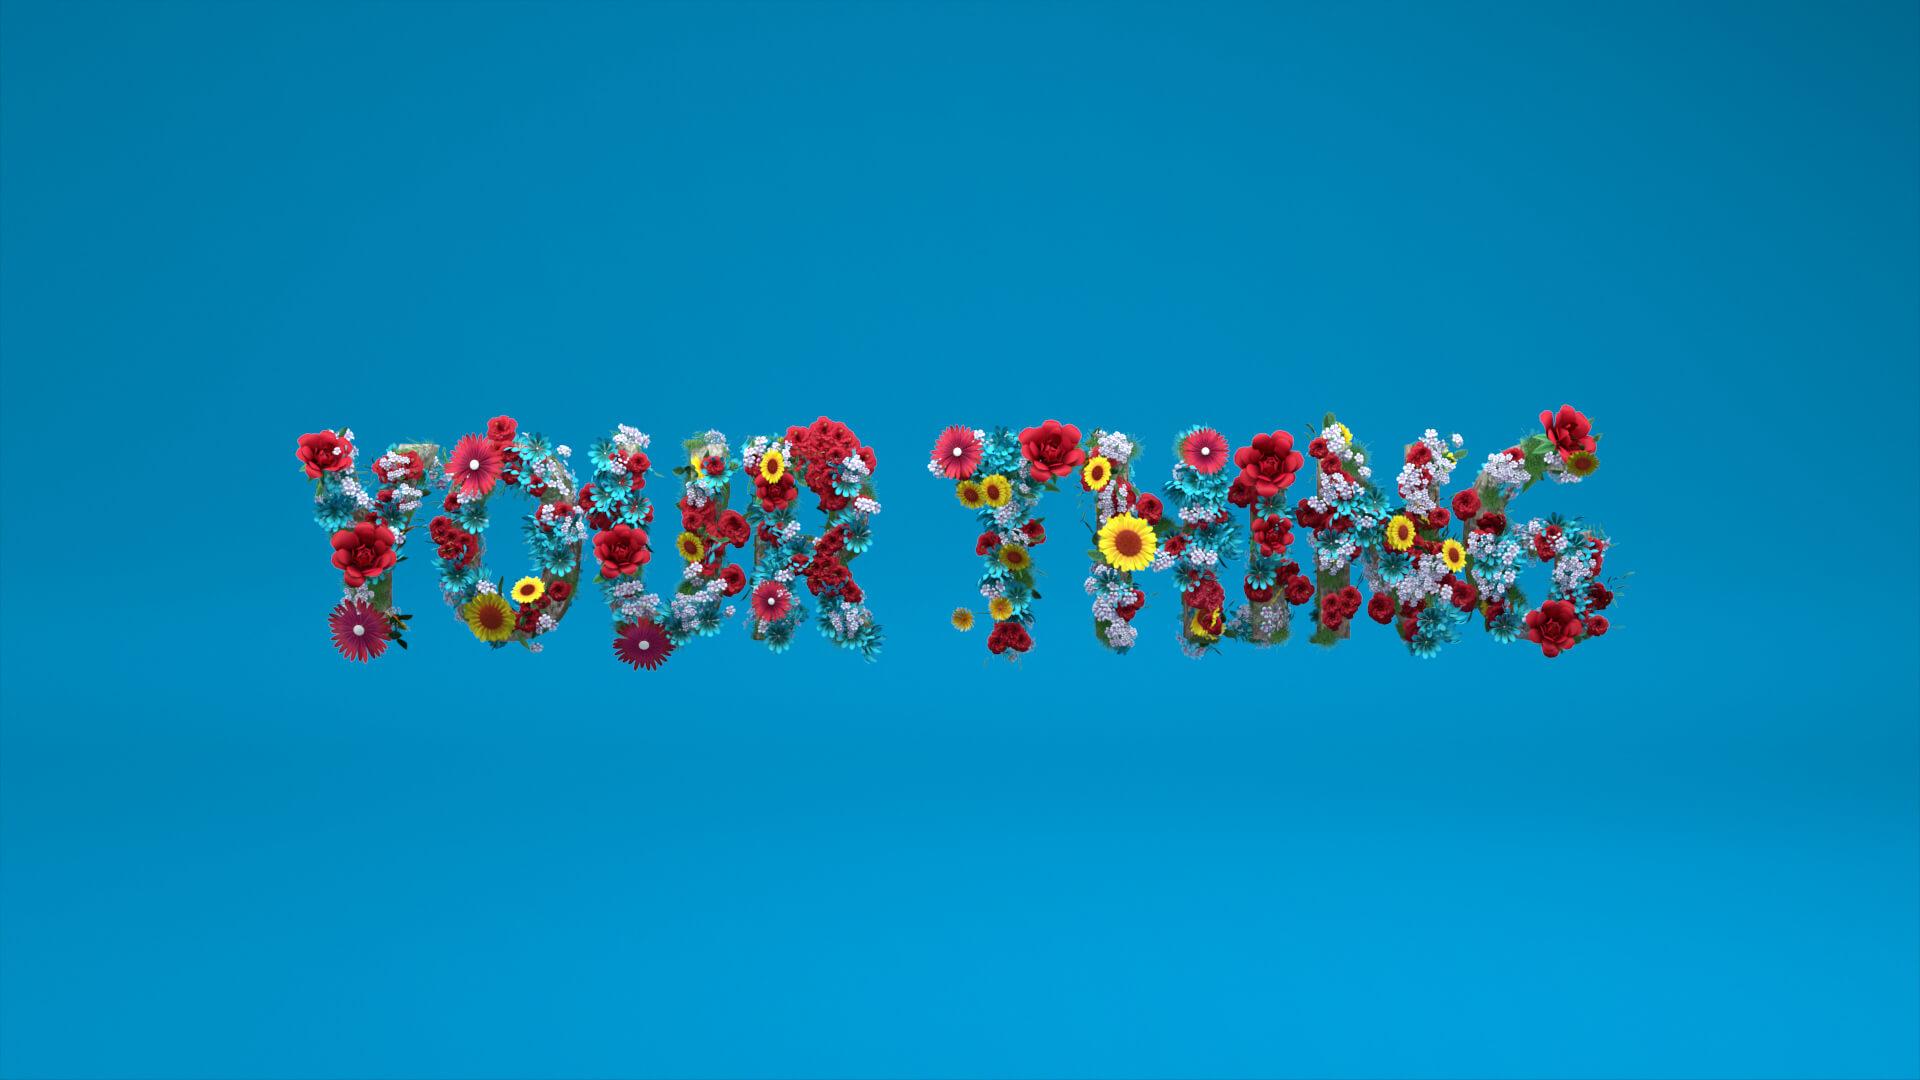 ATT_YourThing_Flowers_02.jpg